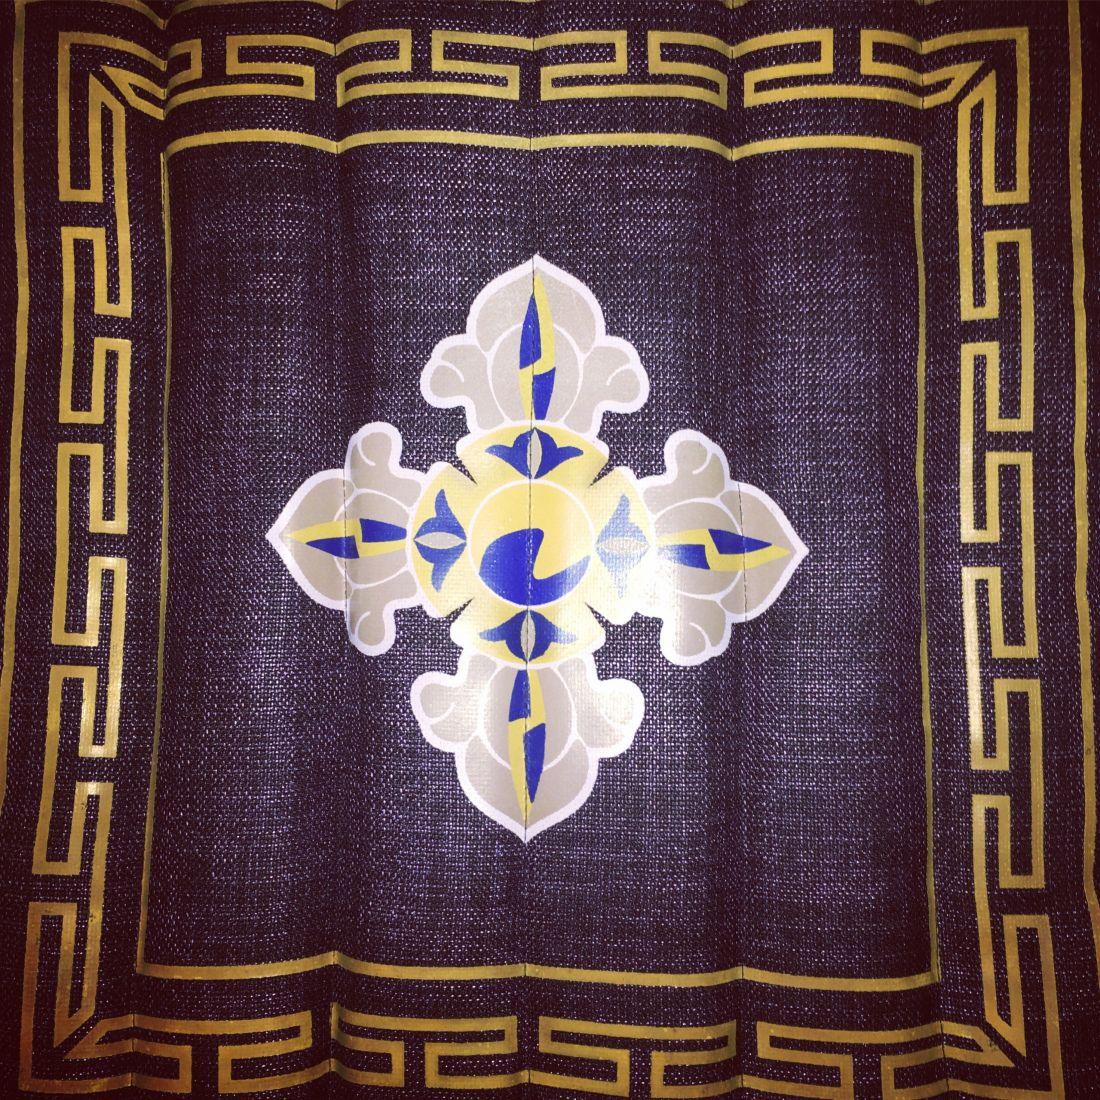 Тёмно-фиолетовая складная подушка для медитации (Москва)